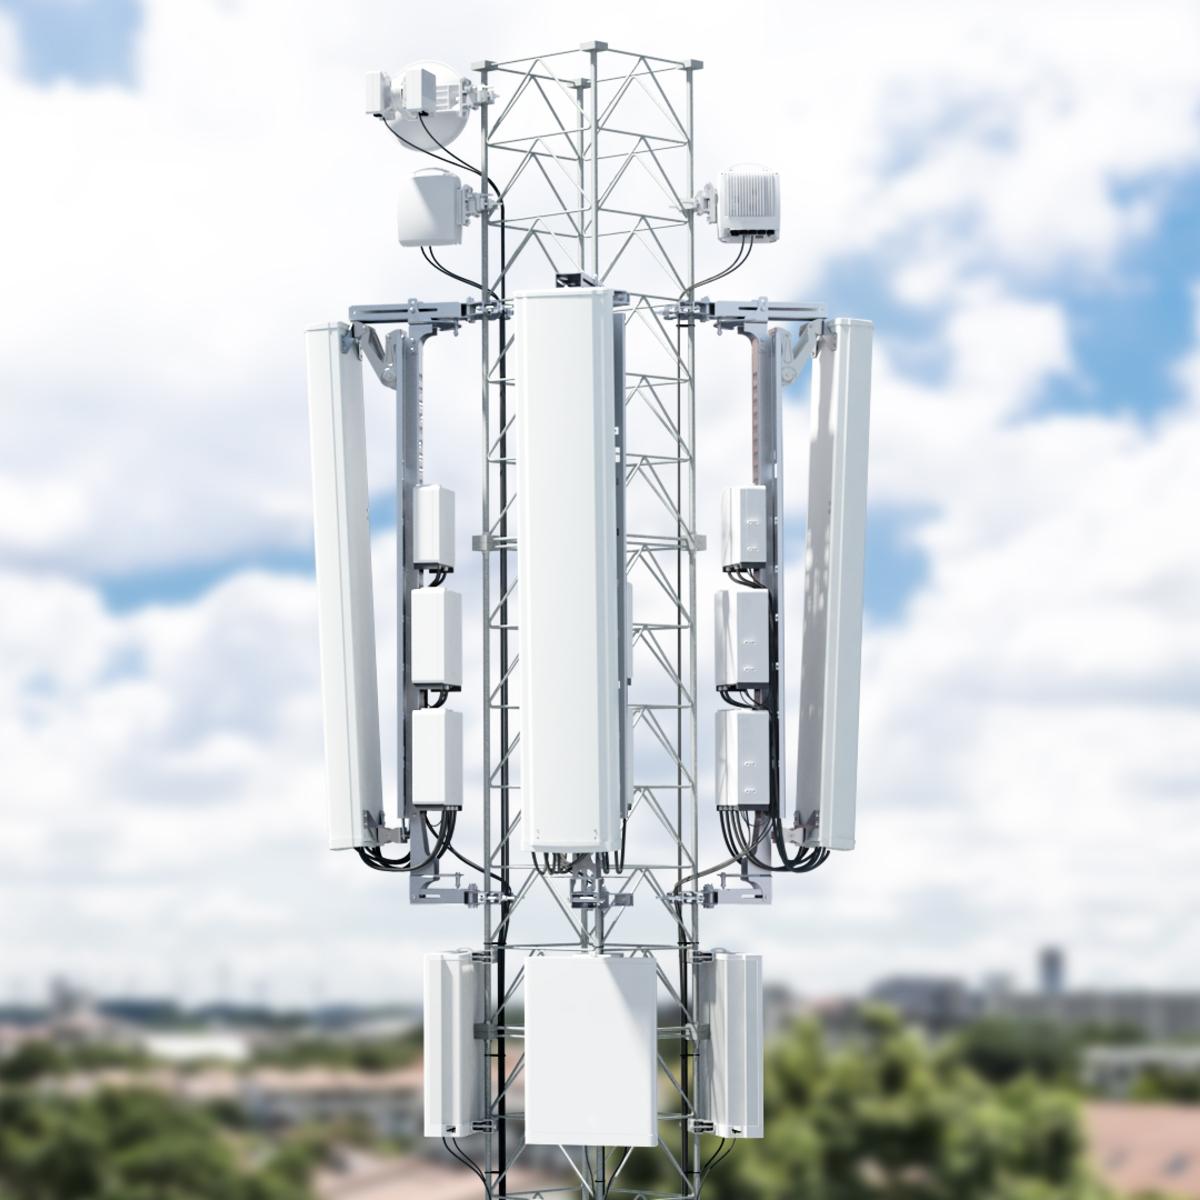 Les Aéroports de Paris et Air France ont choisi Ericsson pour leur réseau 4G/5G professionnel